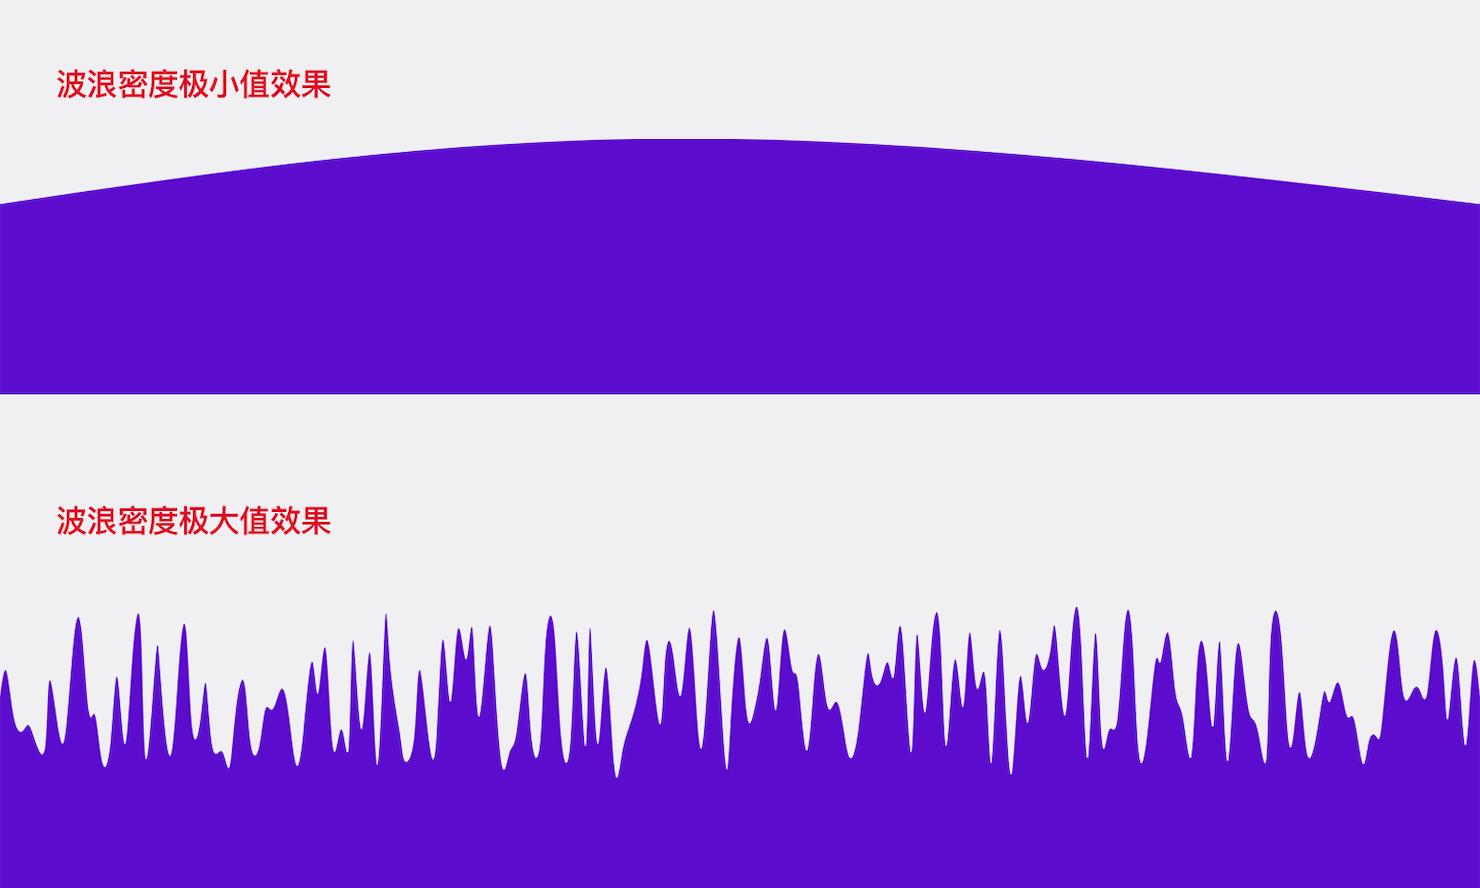 波浪密度对比